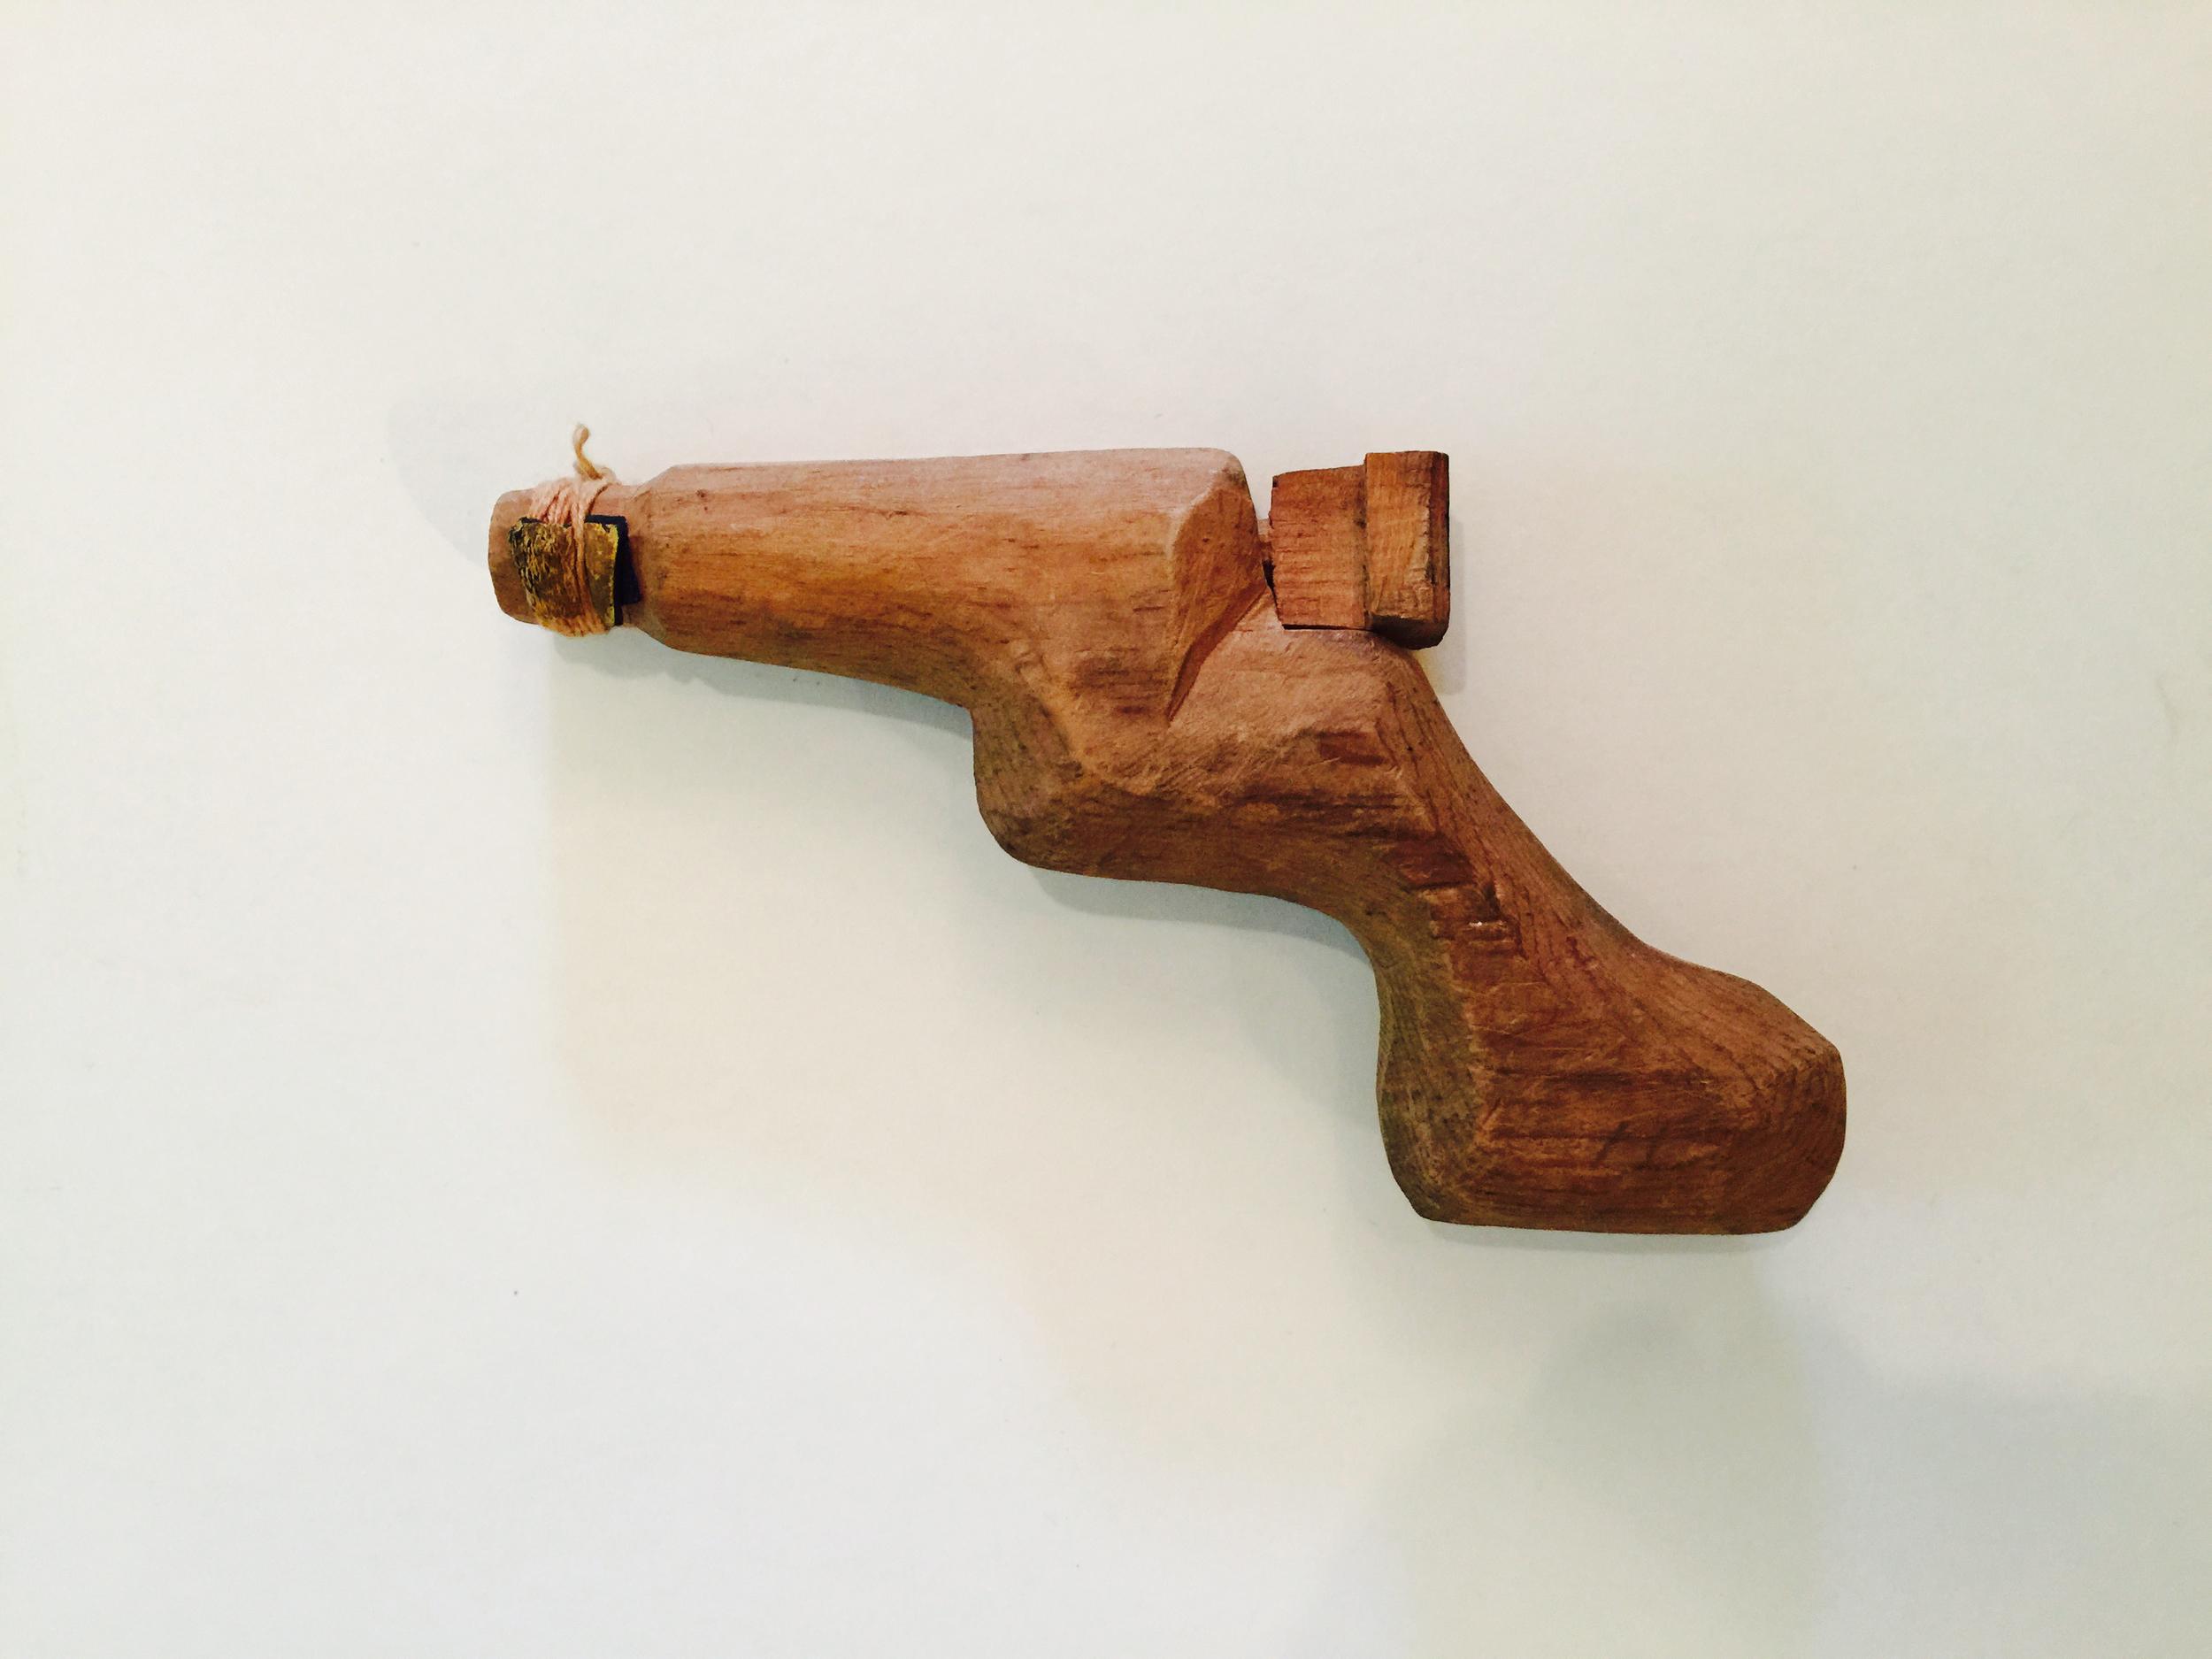 Primitive Gun.jpg